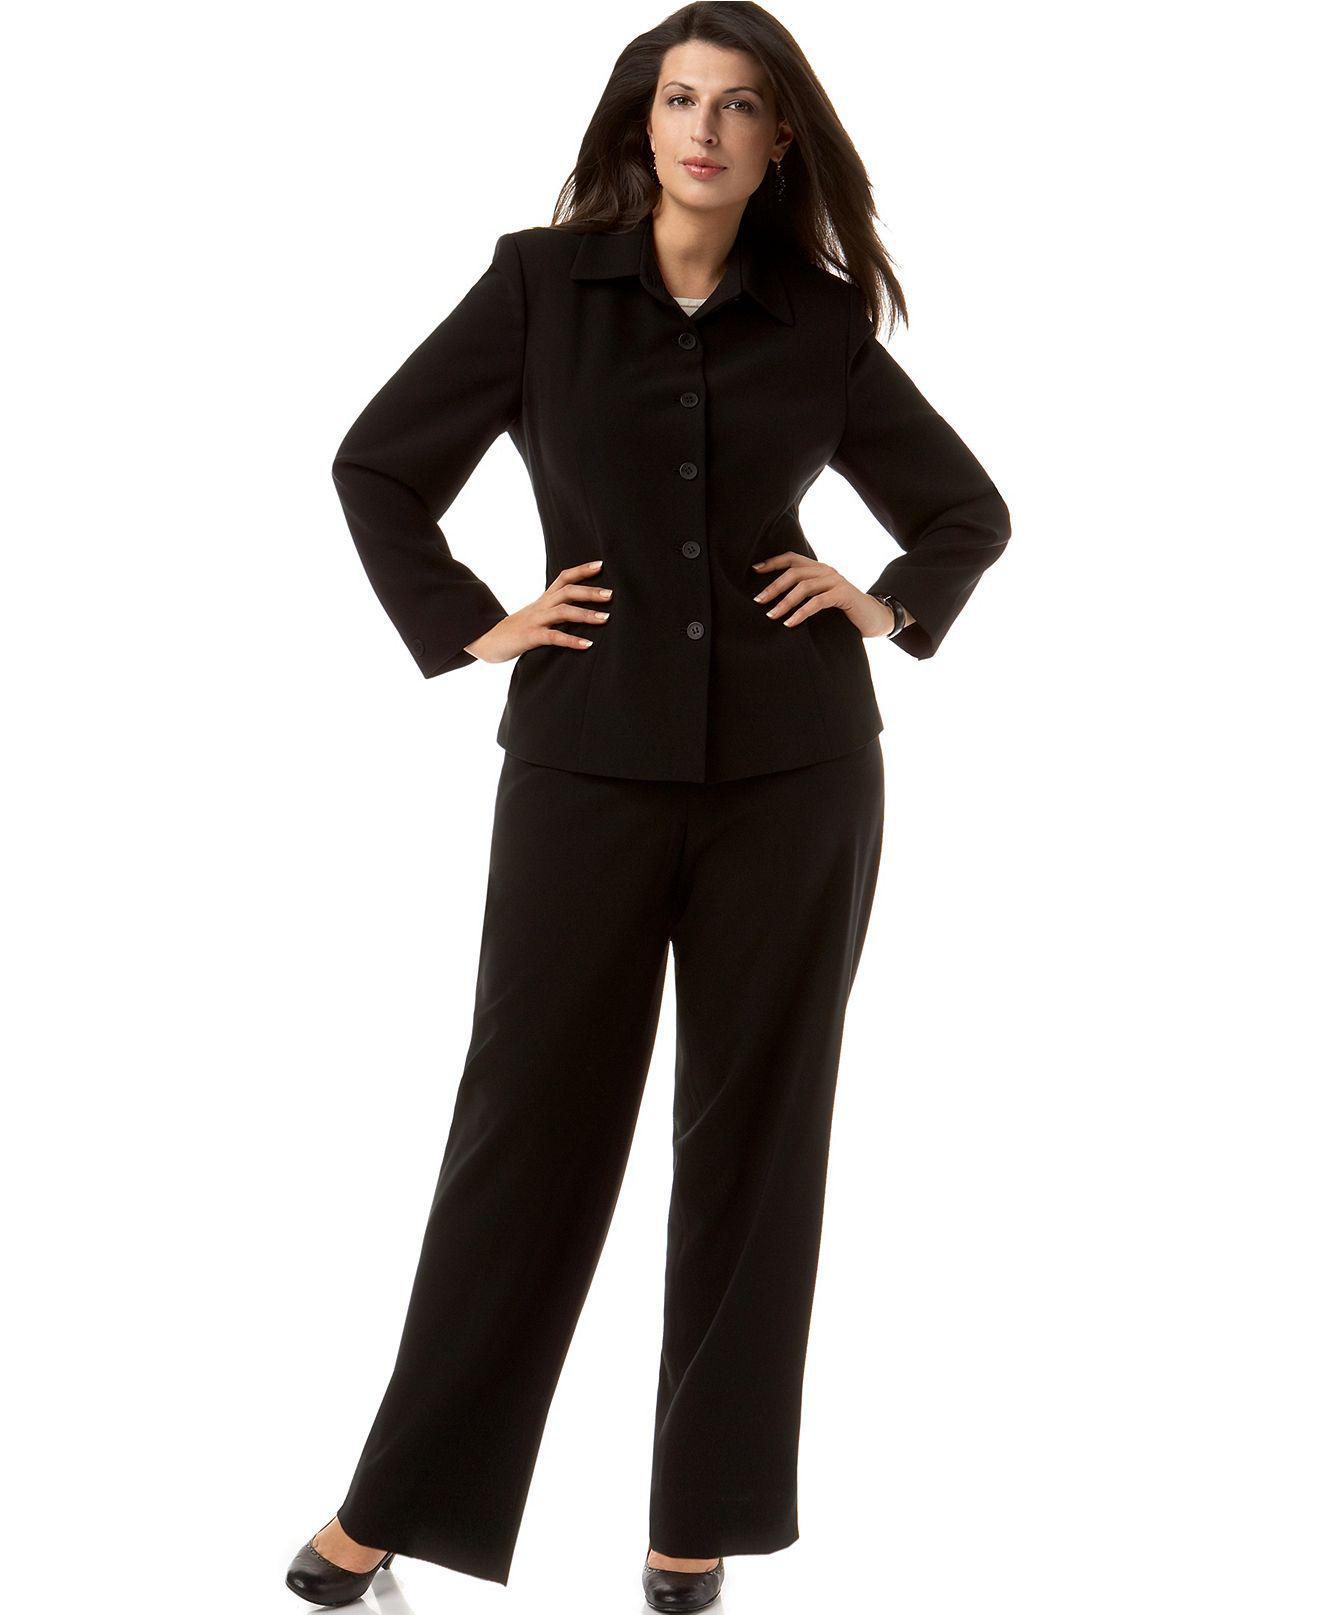 Plus Size Suit Jackets For Women Dress Images